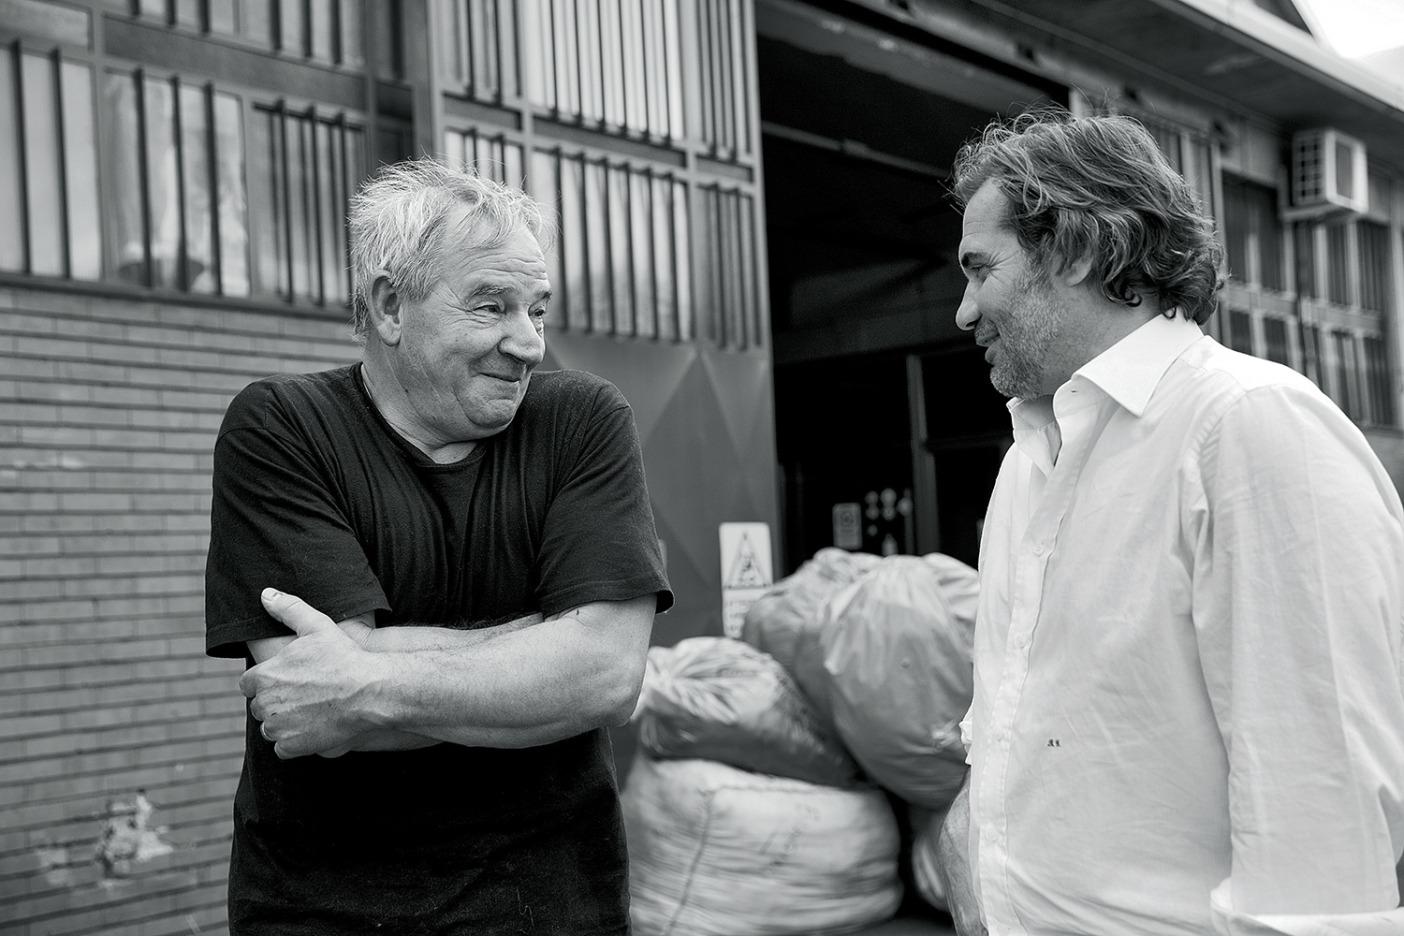 イタリア、プラトのカラマイ社は1878年以来ウールをリサイクルしてきた。Photo: Jeff Johnson